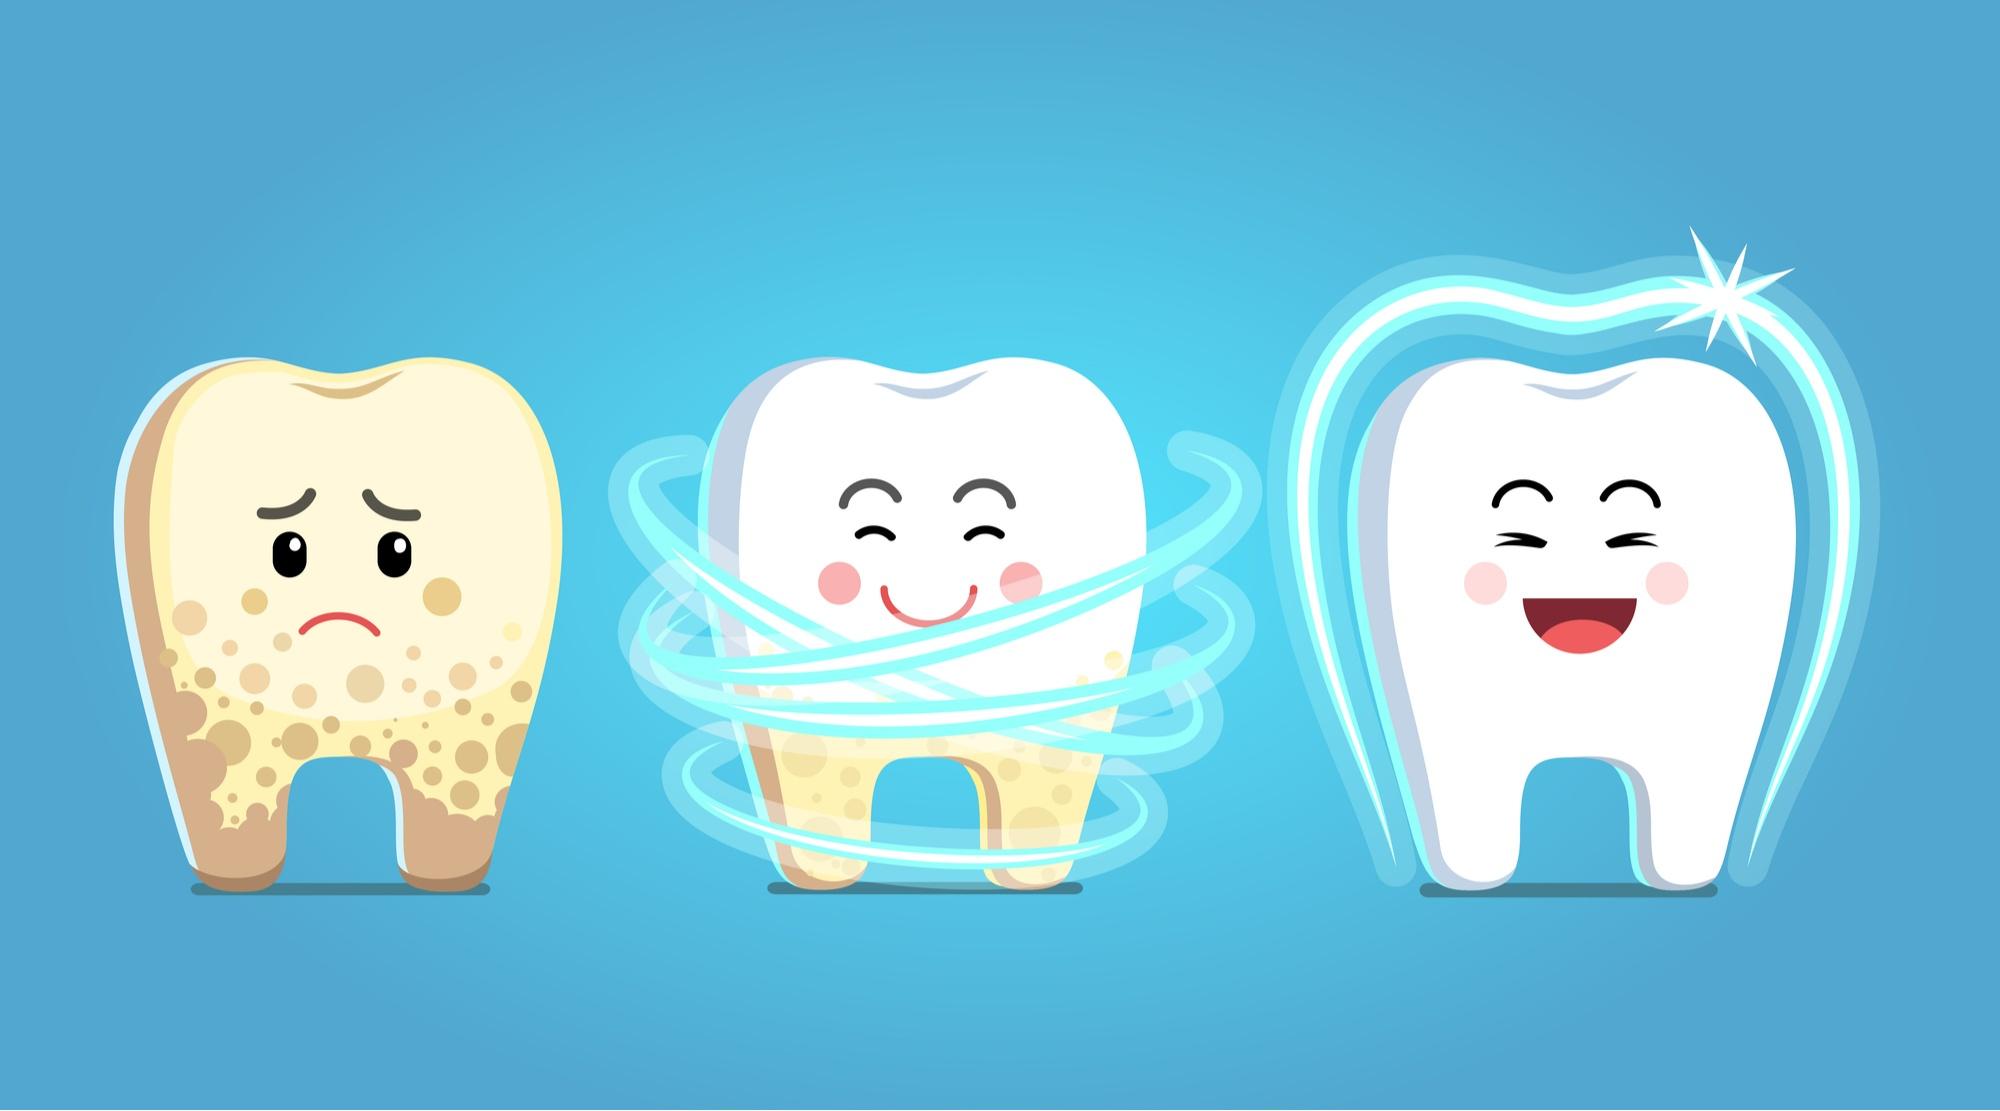 اسعار تنظيف الأسنان من الجير 2020